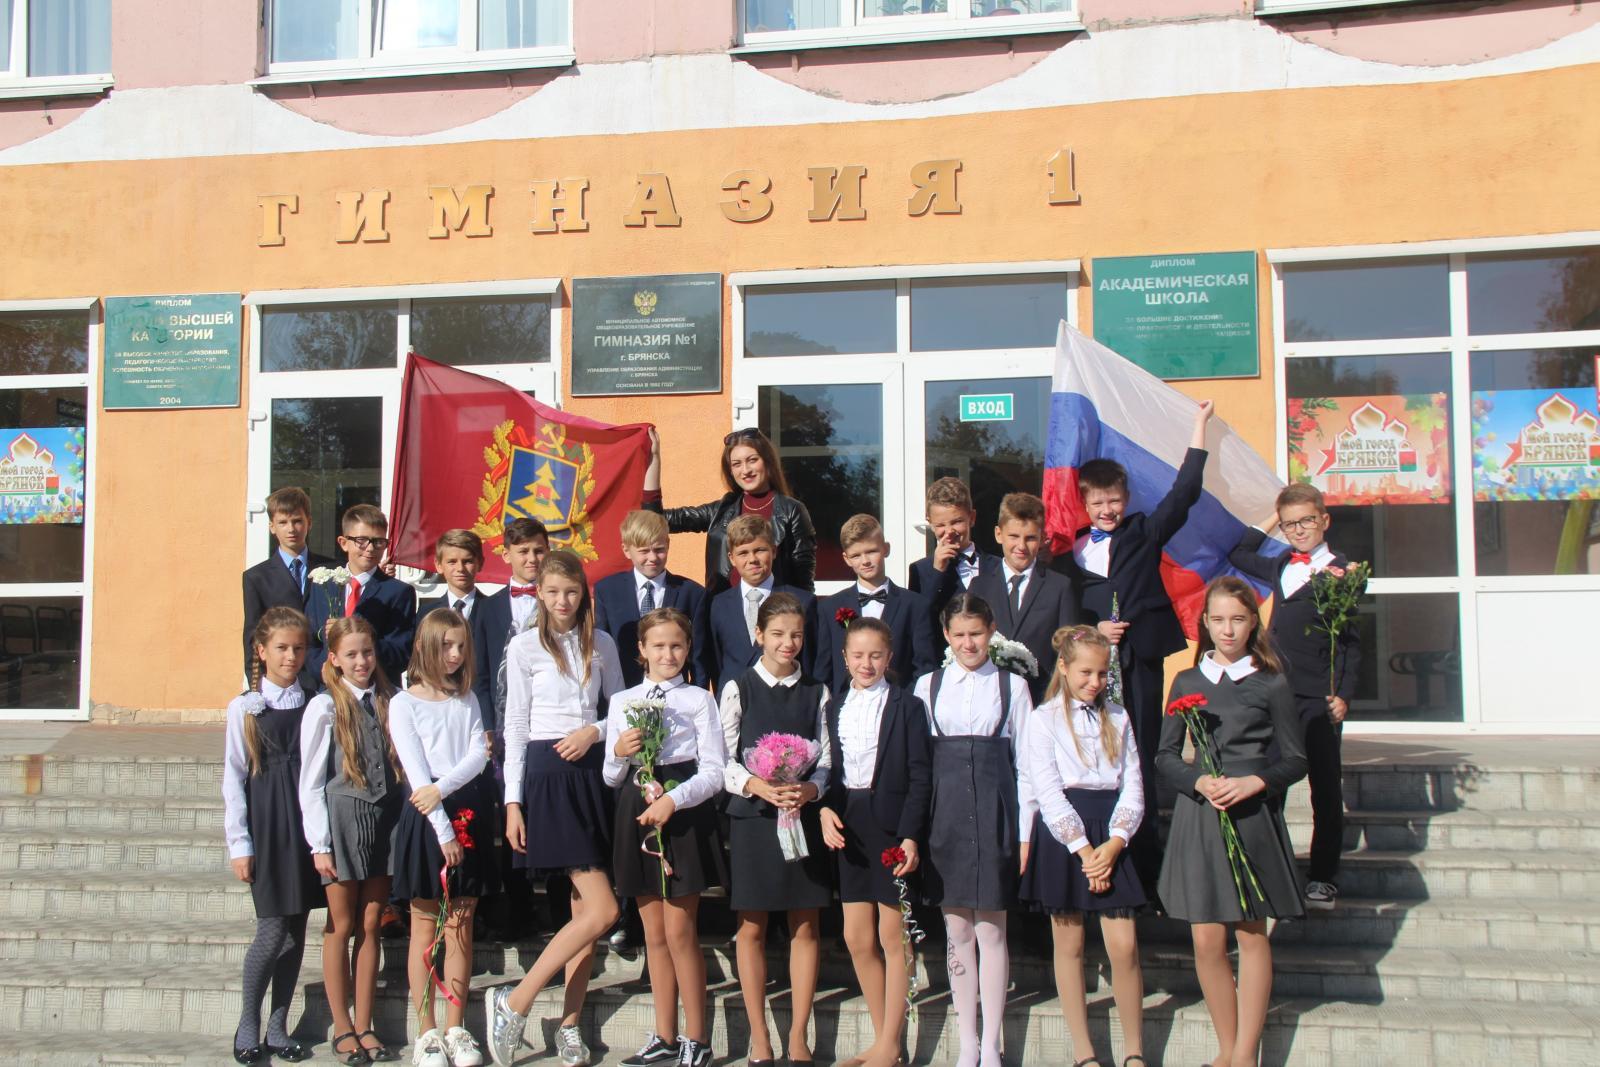 Брянская гимназия №1 на втором месте в сотне престижных школ страны